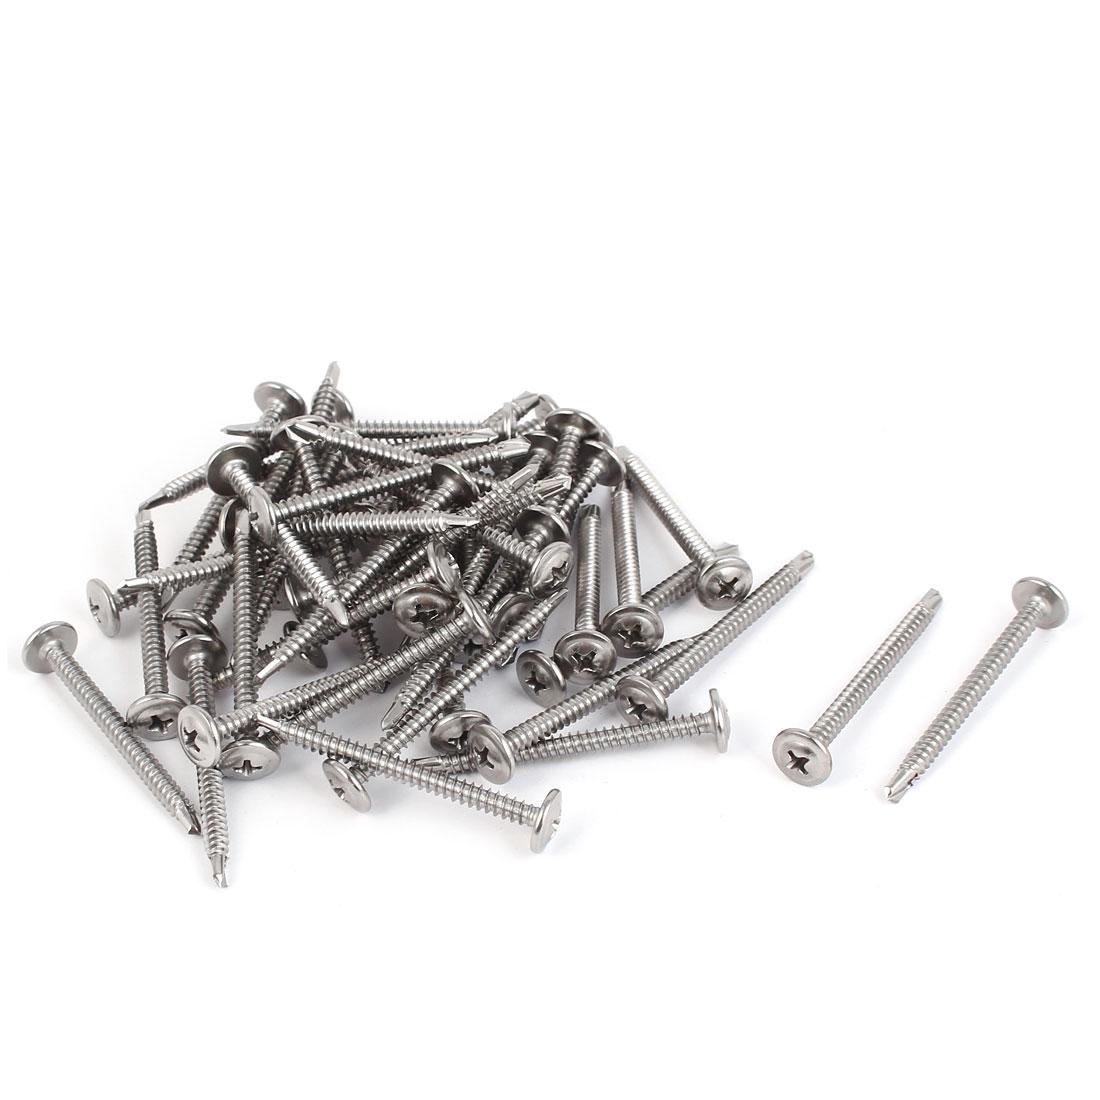 M4.2 x 50mm #8 Thread Self Drilling Flat Phillips Head Screws Silver Tone 50 Pcs